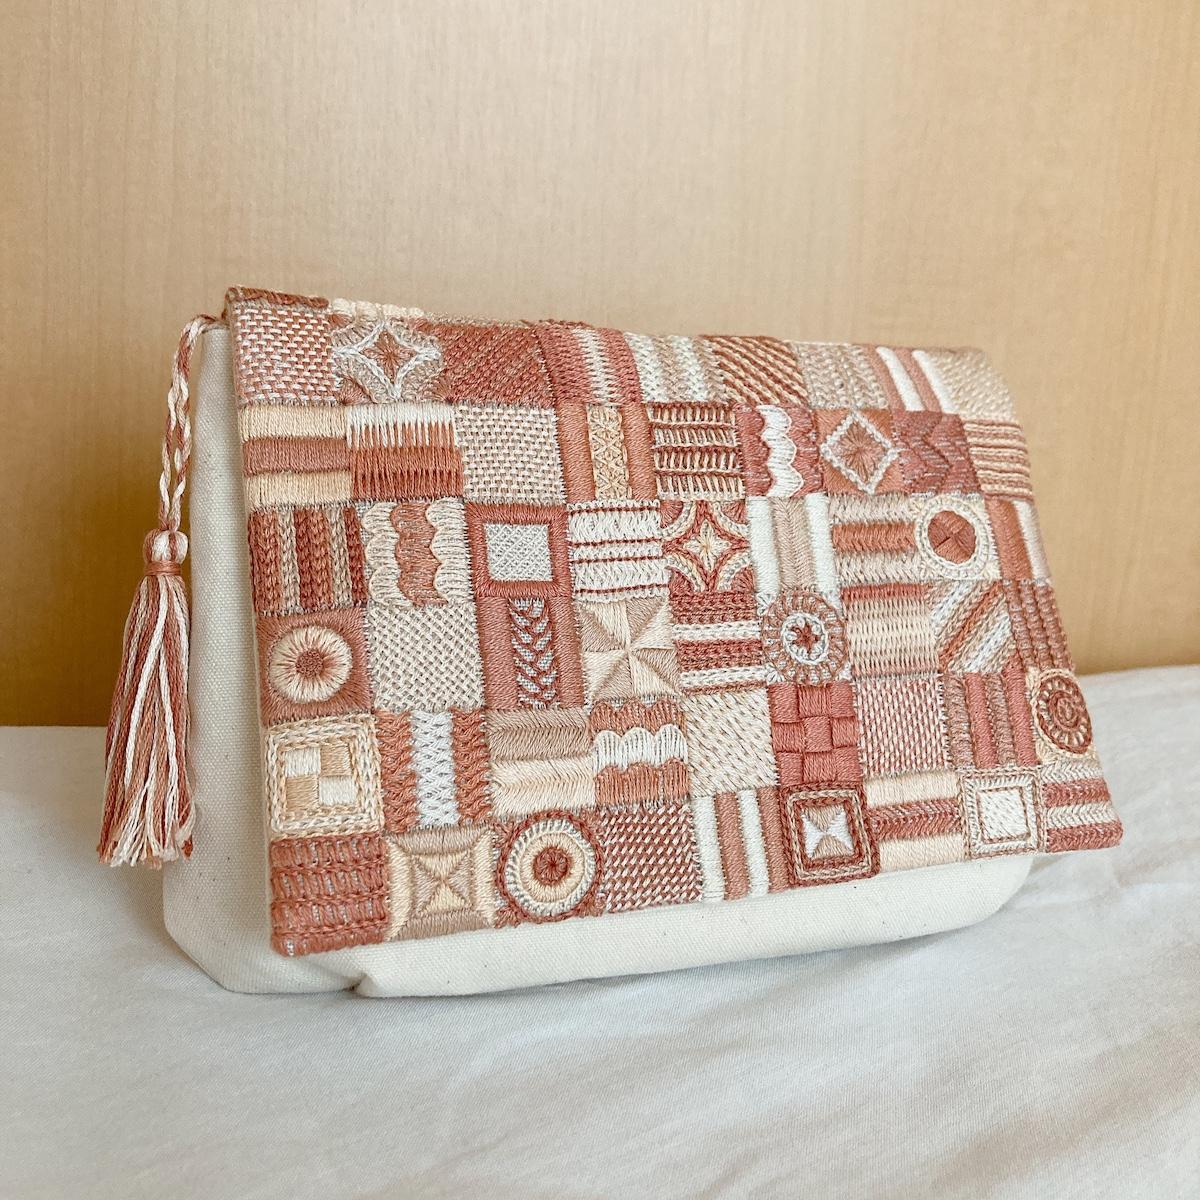 パッチ刺繍のクラッチバッグ